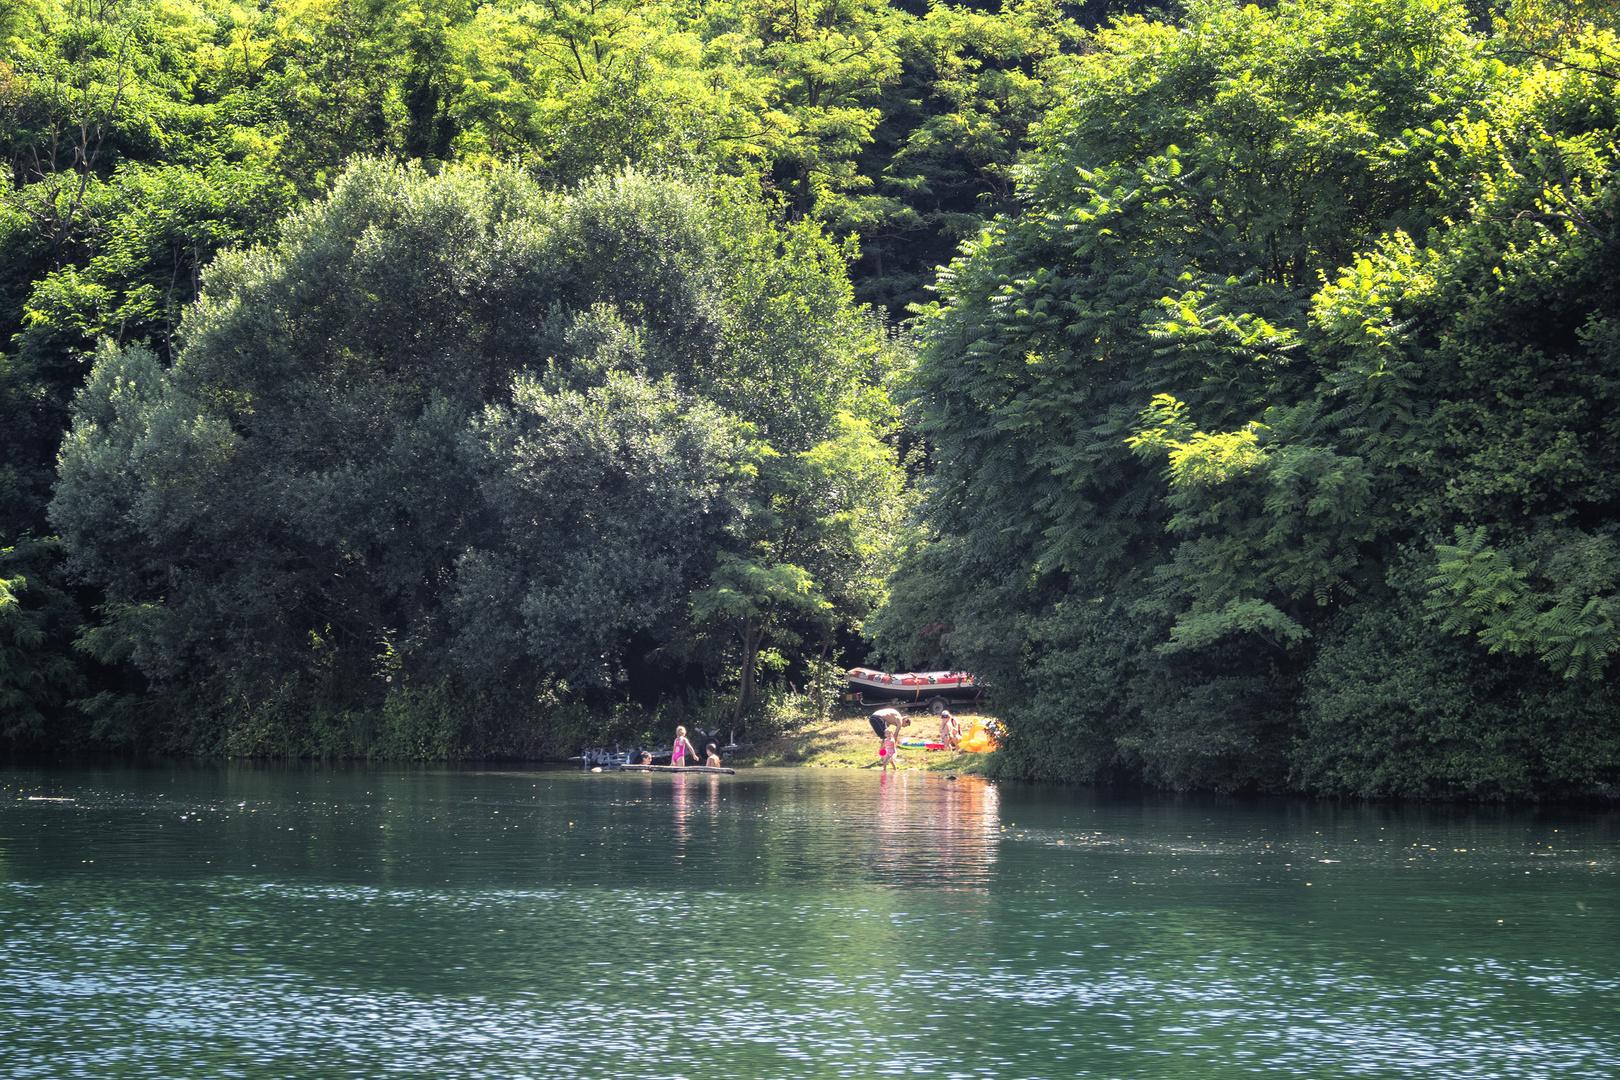 La spiaggetta, fiume Adda